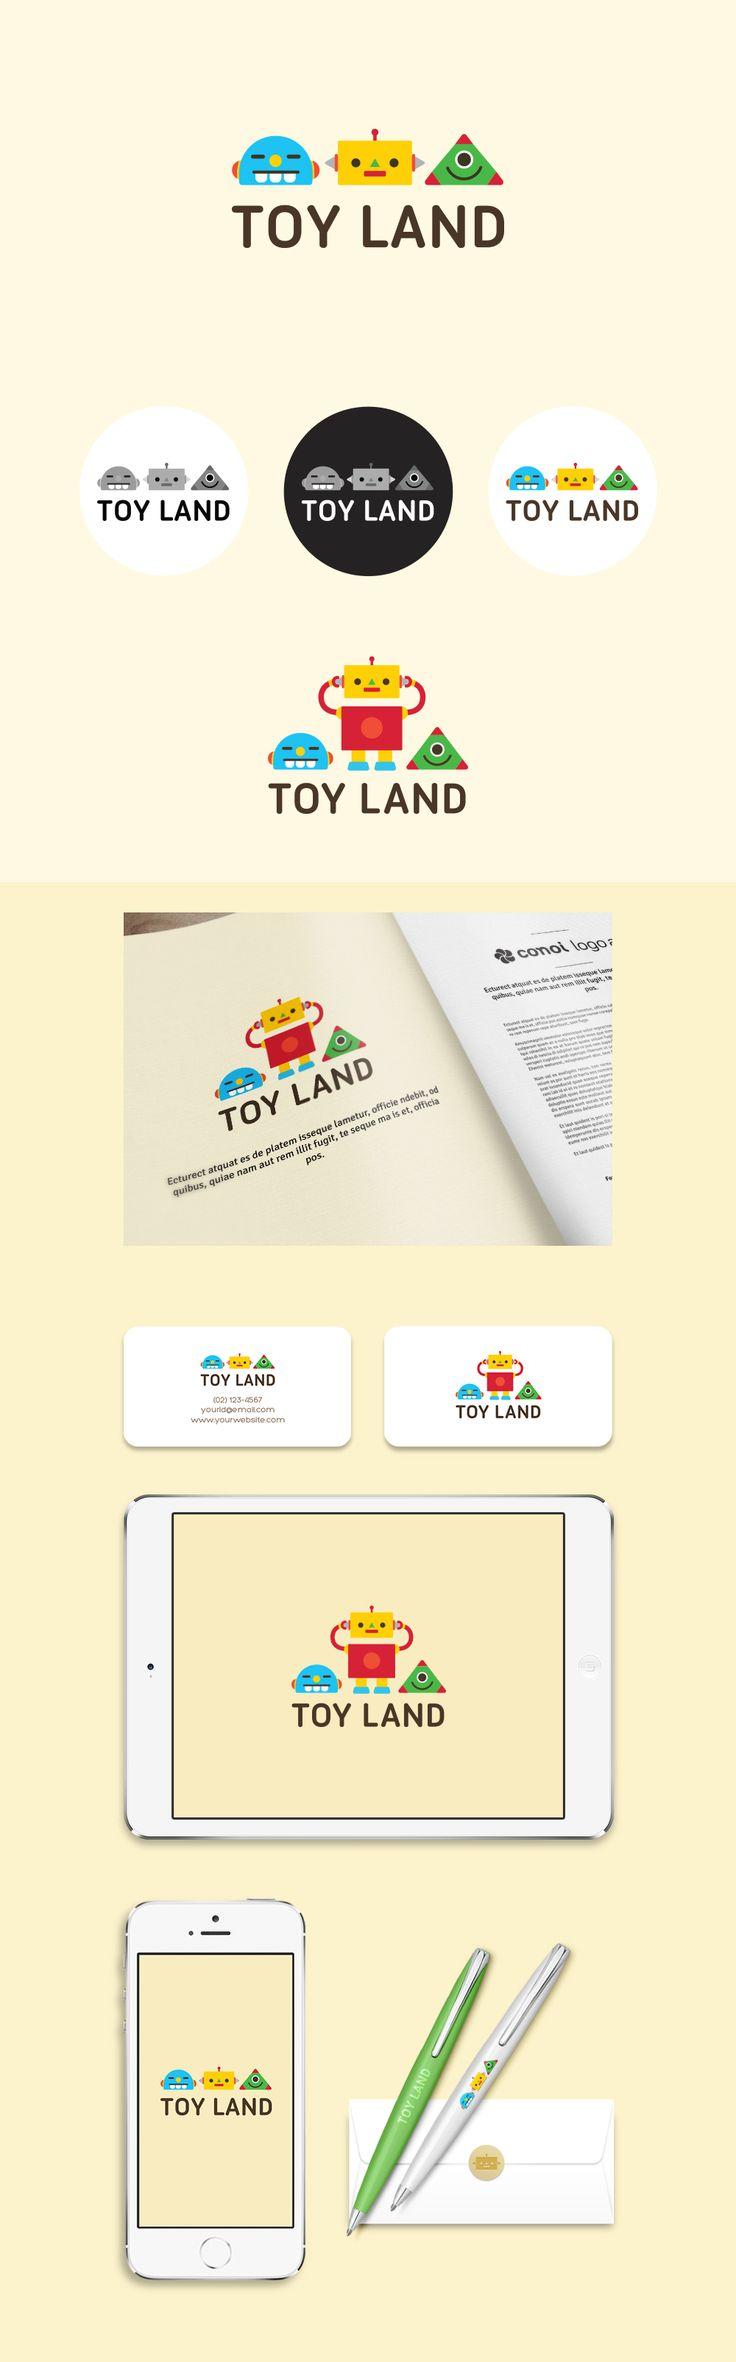 장난감천국, TOY LAND (Logo Design By Conoi)